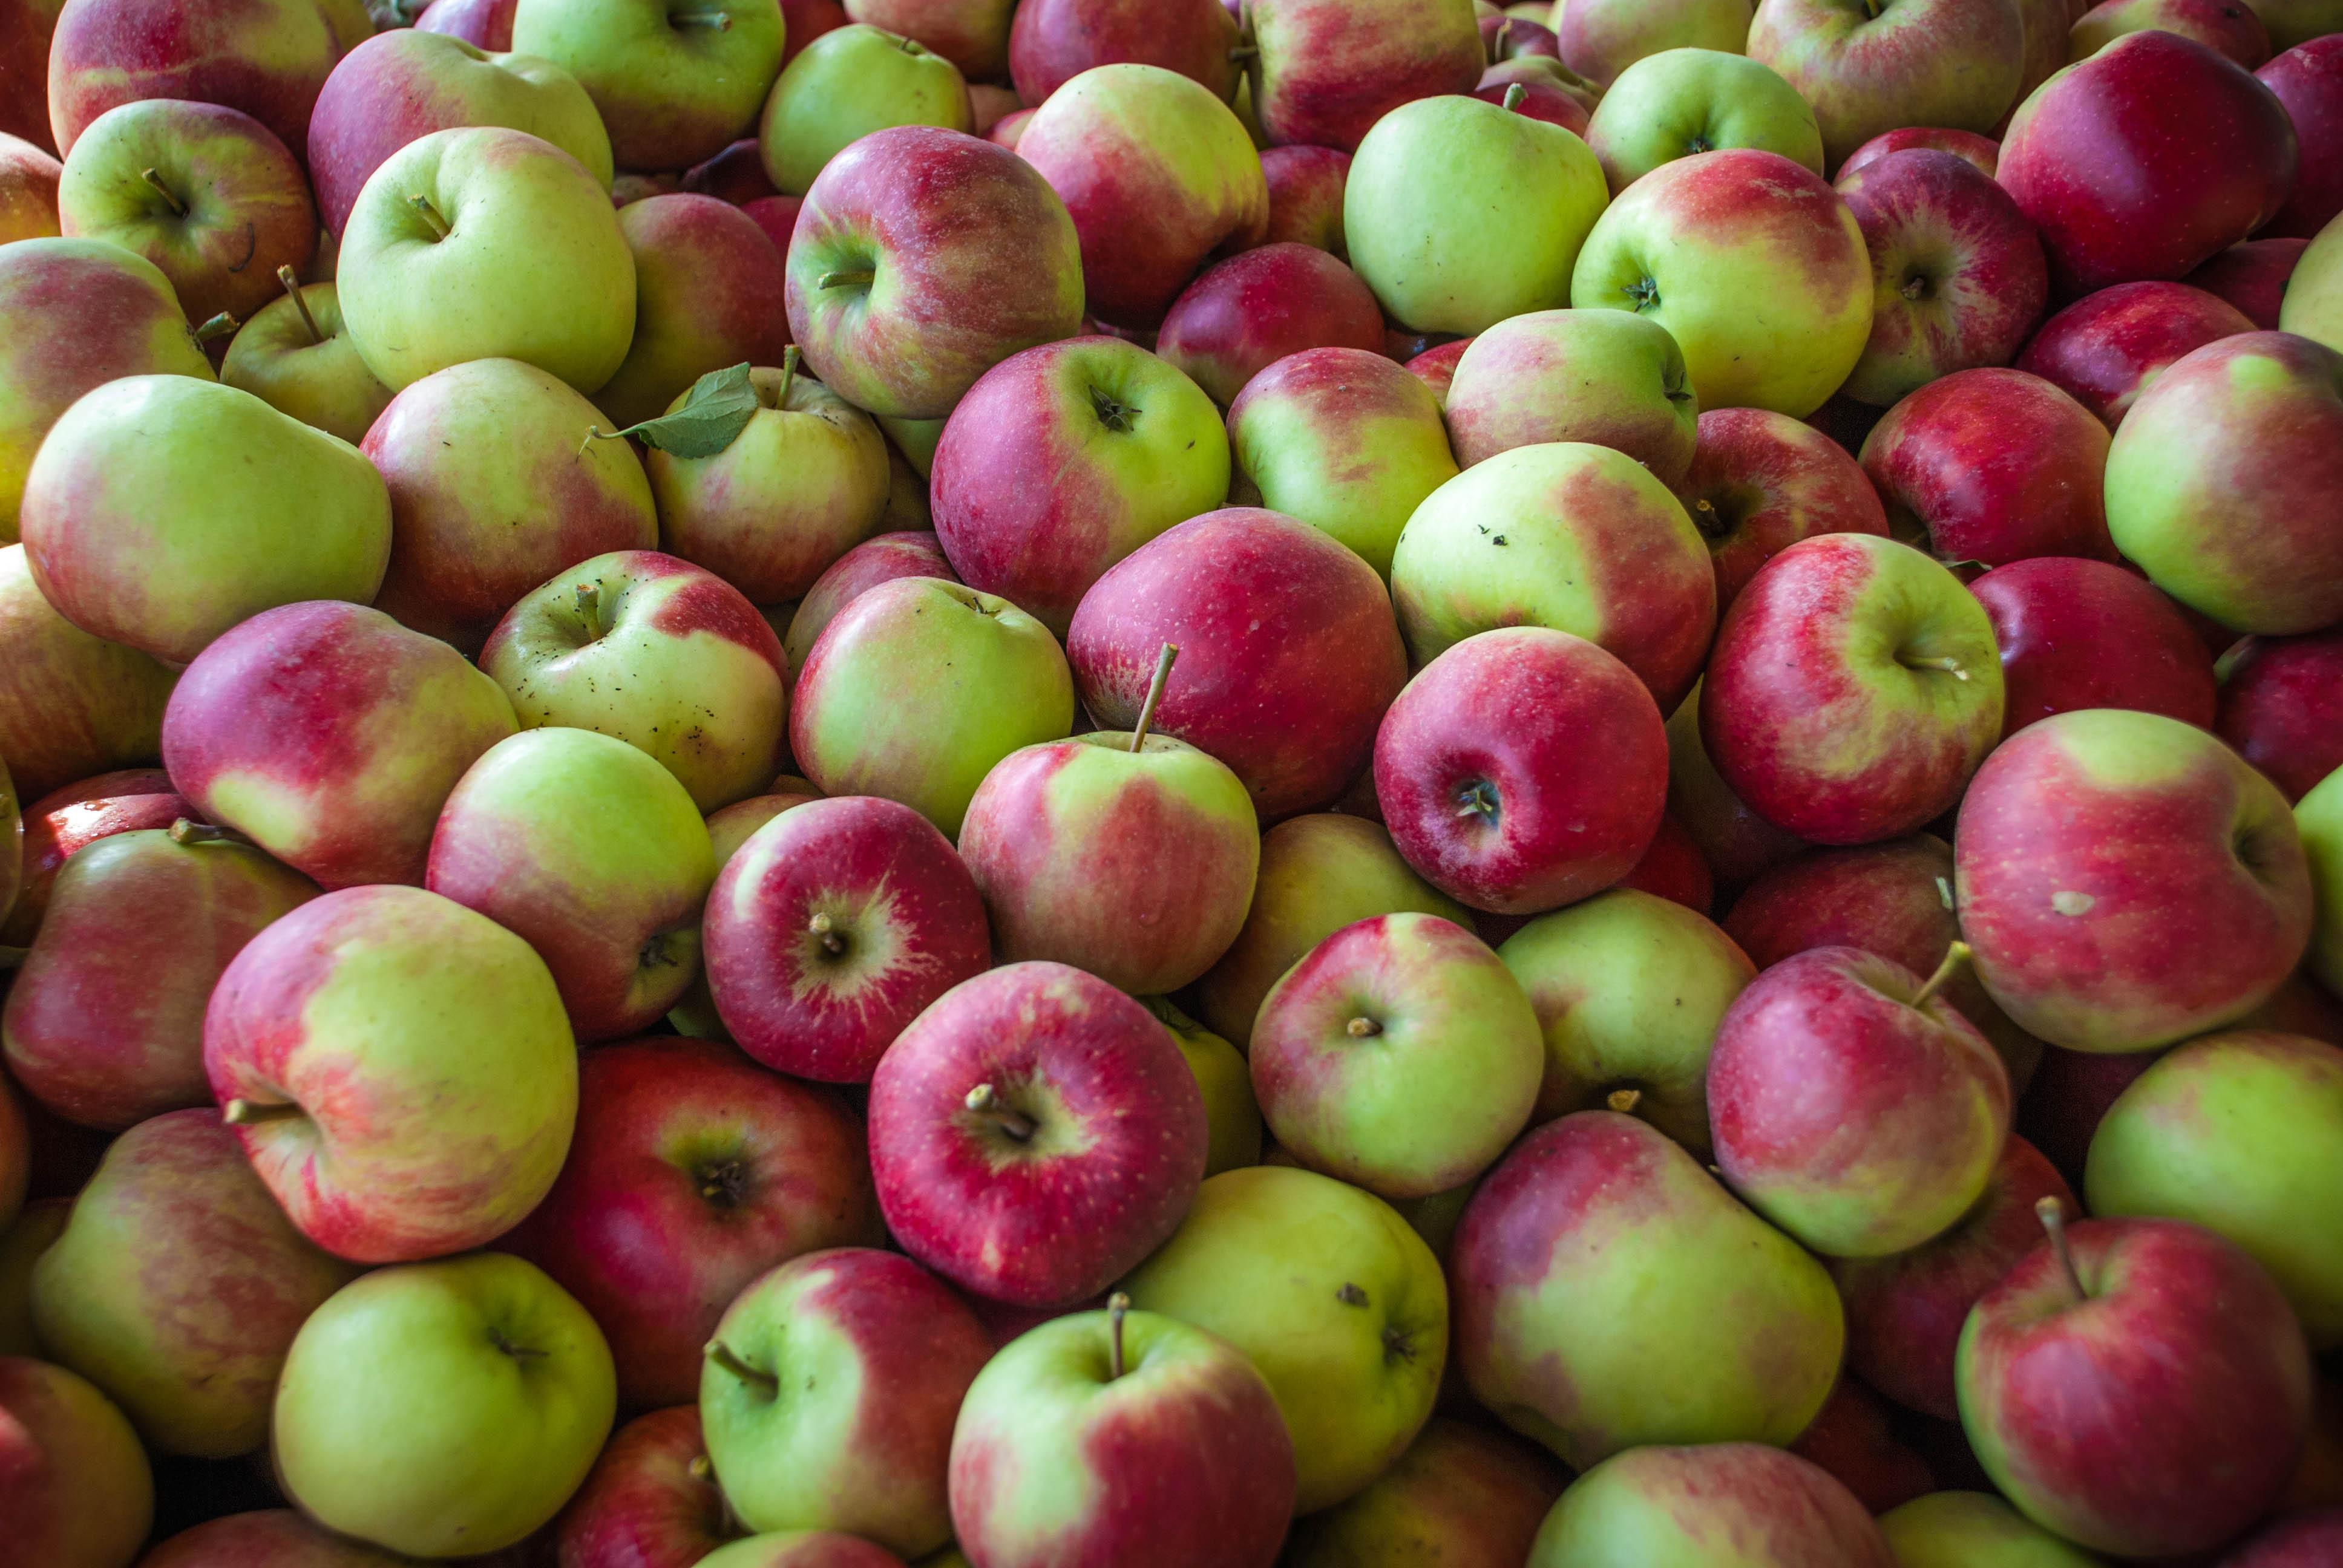 Äpfel aus dem alten Land